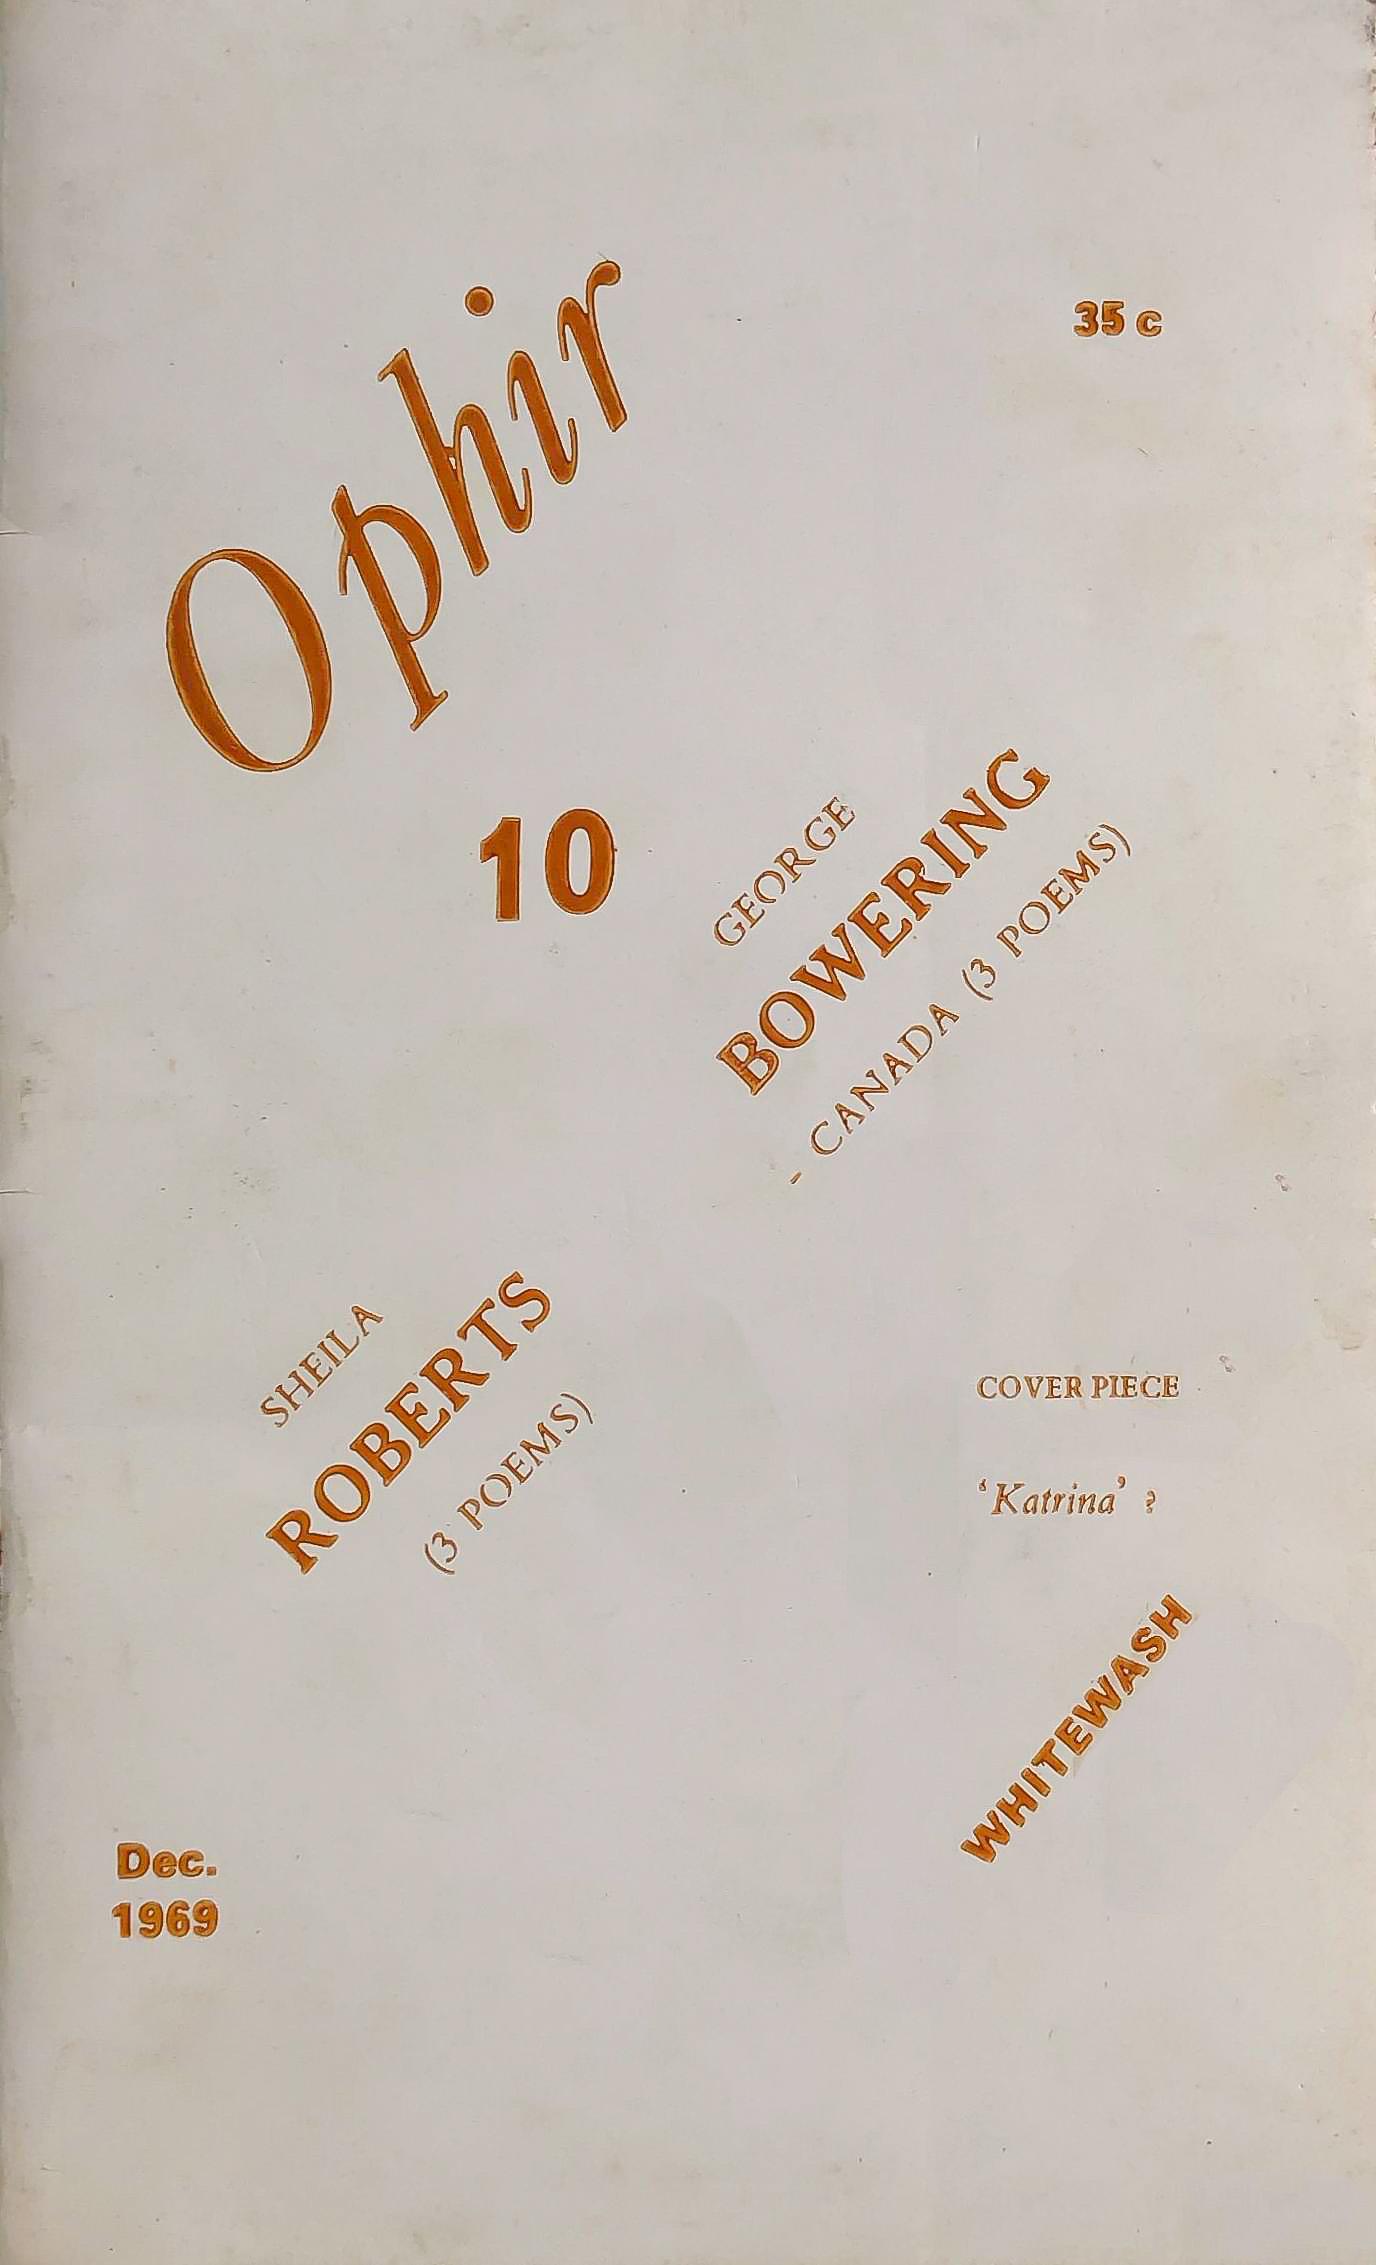 Ophir_10_1969